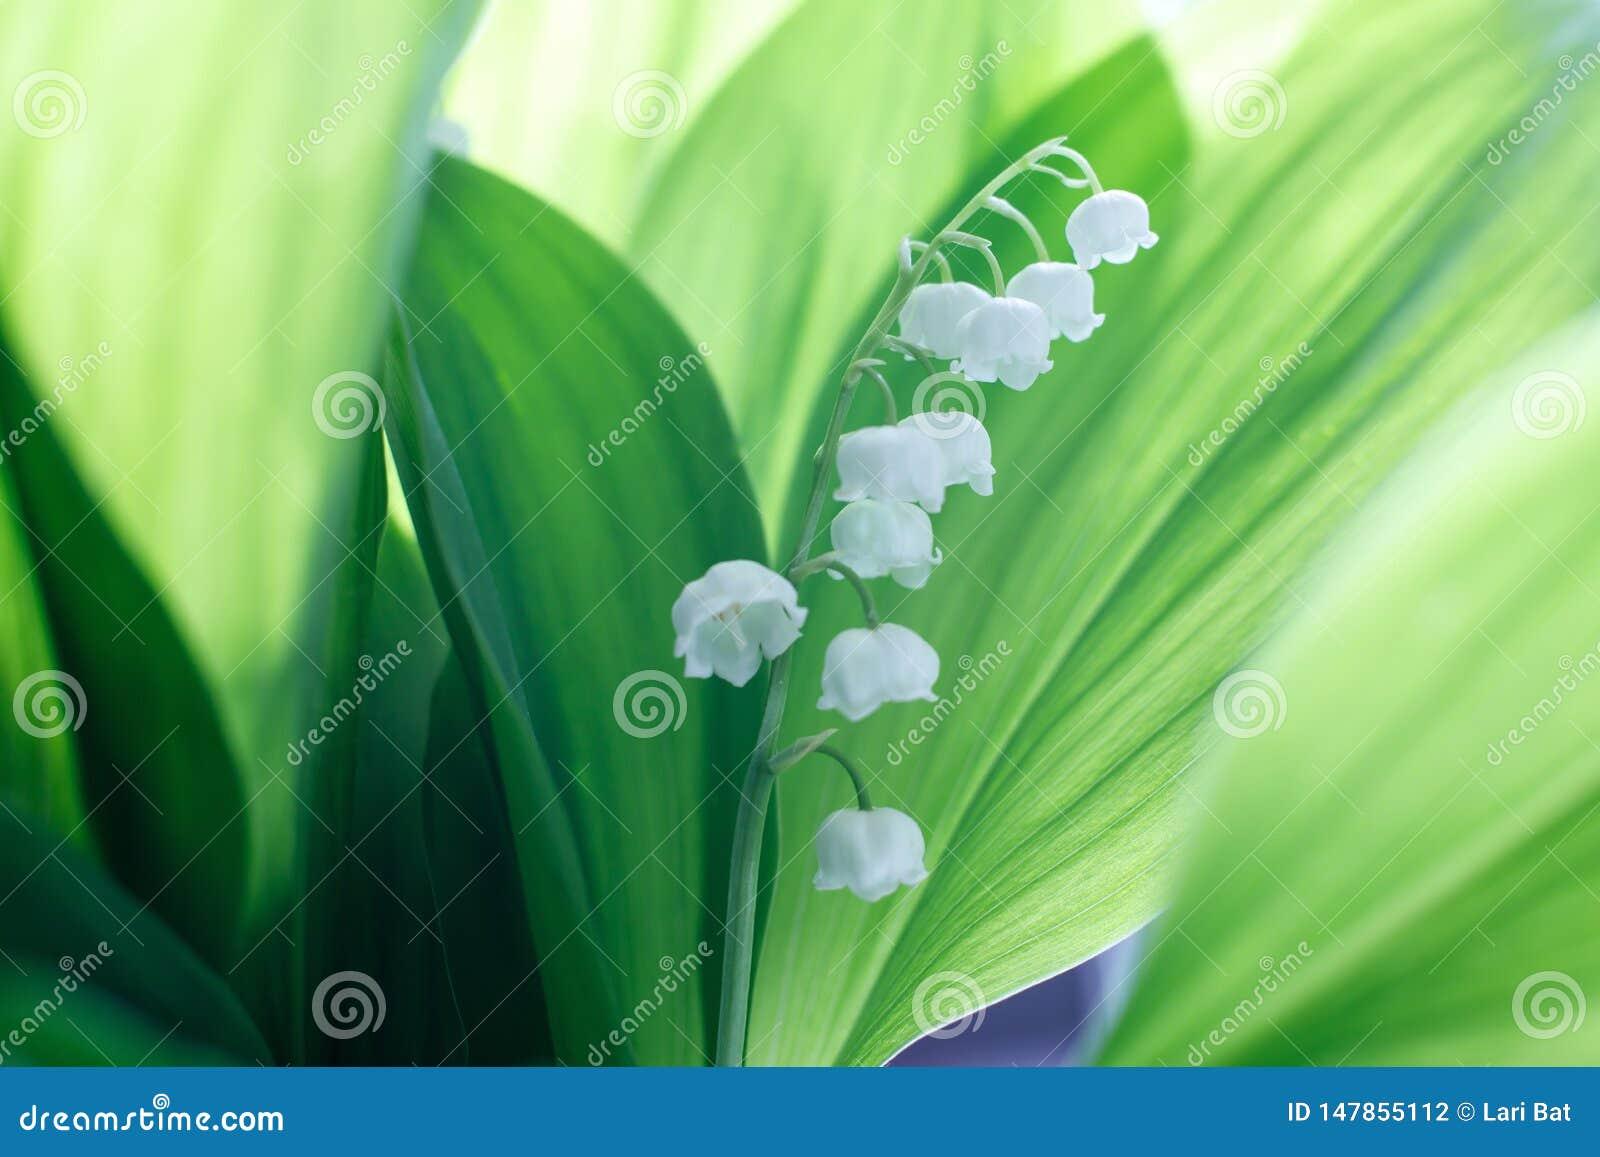 Lírio bonito delicado das flores da flor do vale contra um fundo das folhas verdes em um dia de mola ensolarado Sombras no verde